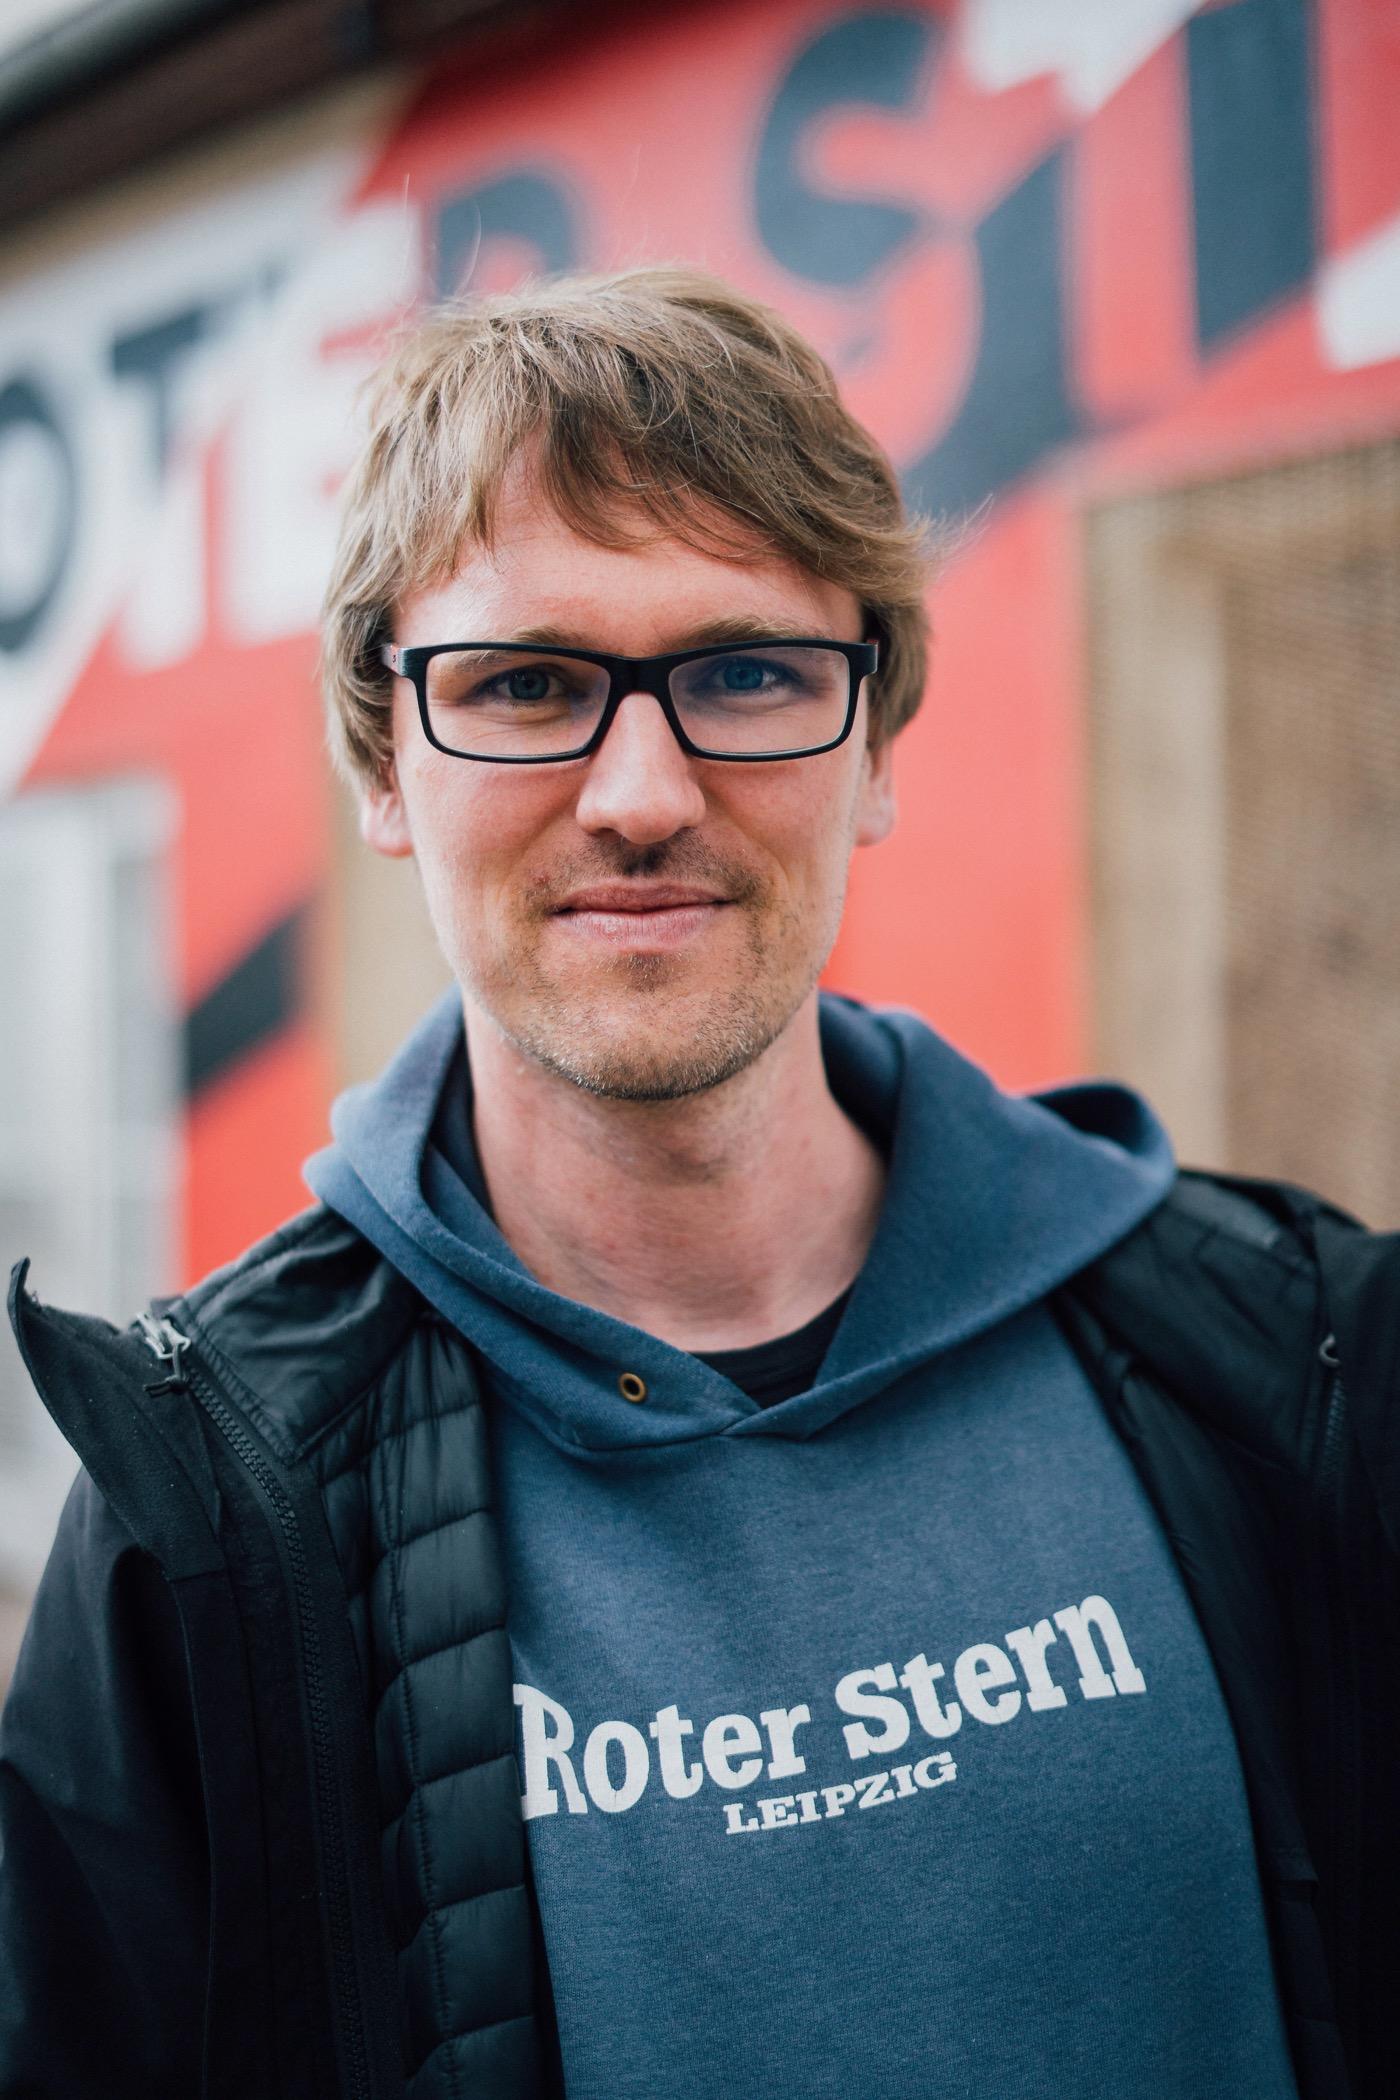 Adam Bednarsky ist Mitgründer des Klubs, der heute 1500 Mitglieder zählt.